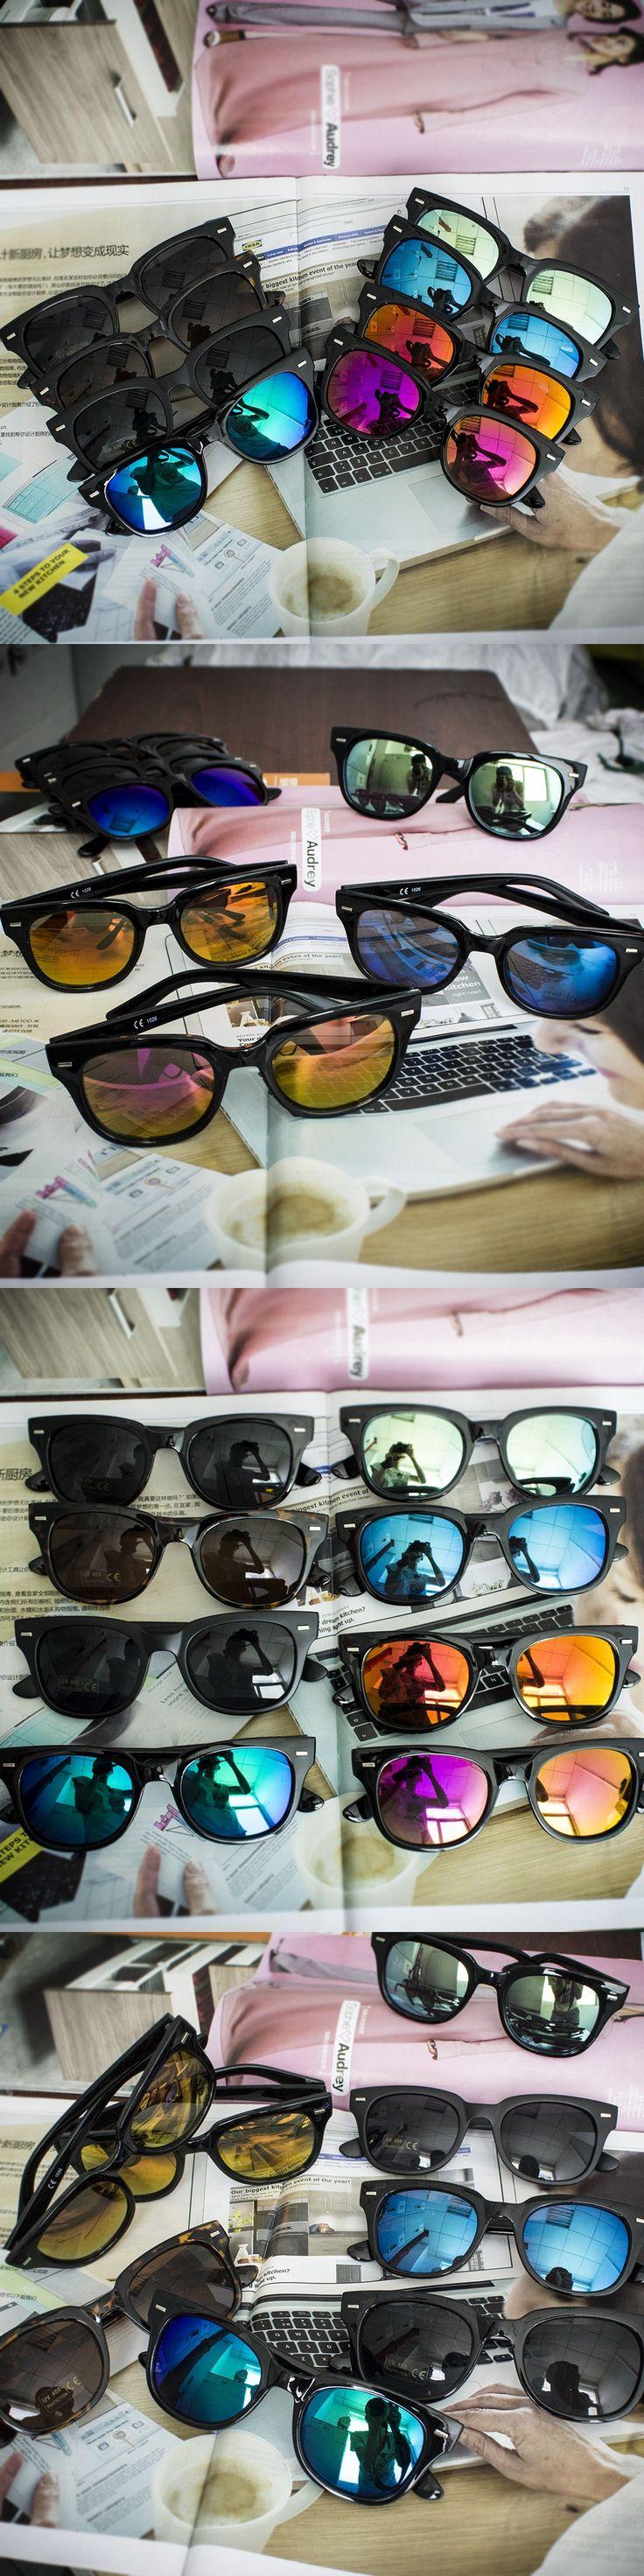 Hot Sale 8 Colors Vintage UV400 Sunglasses for Women Men Brand Designer Sun Glasses Women's men's Glasses Famous Luxury